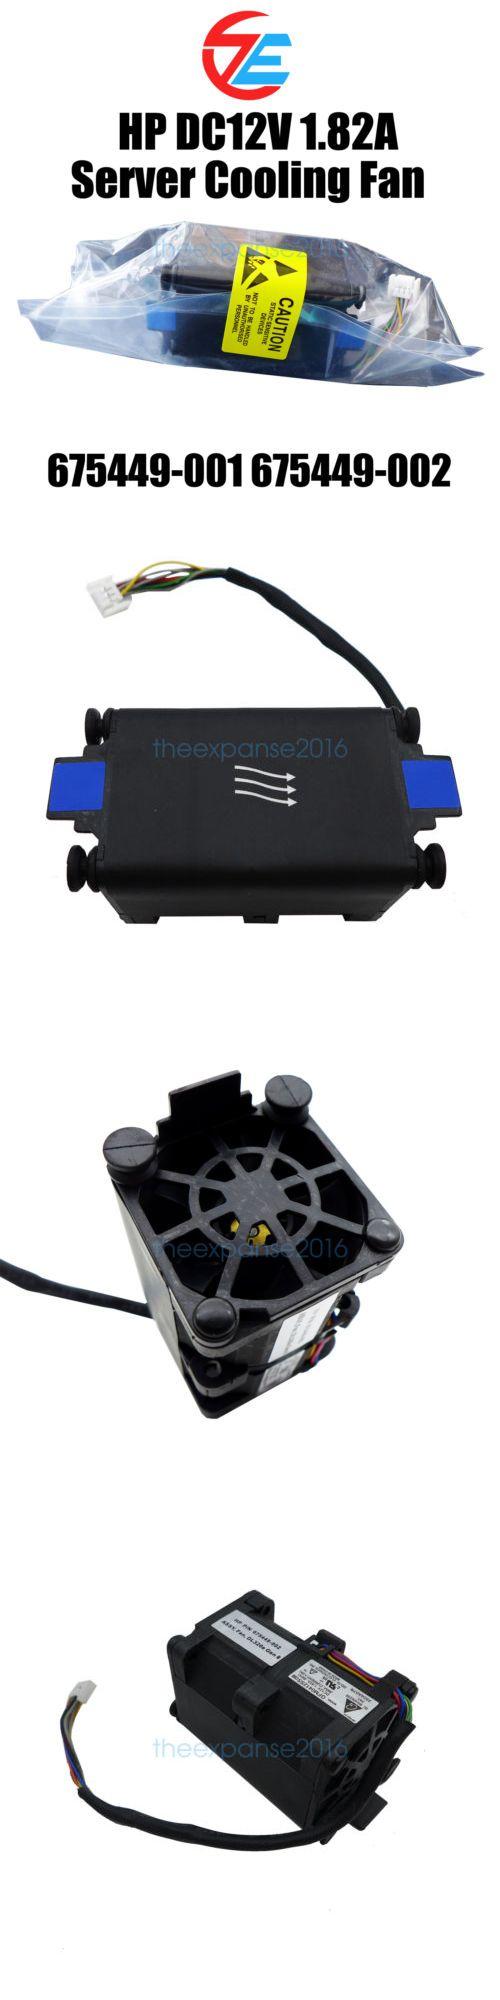 HP DL320E G8 GFM0412SS DD03 675449-001 DC12V 1.82A Server Cooling Fan USA Seller